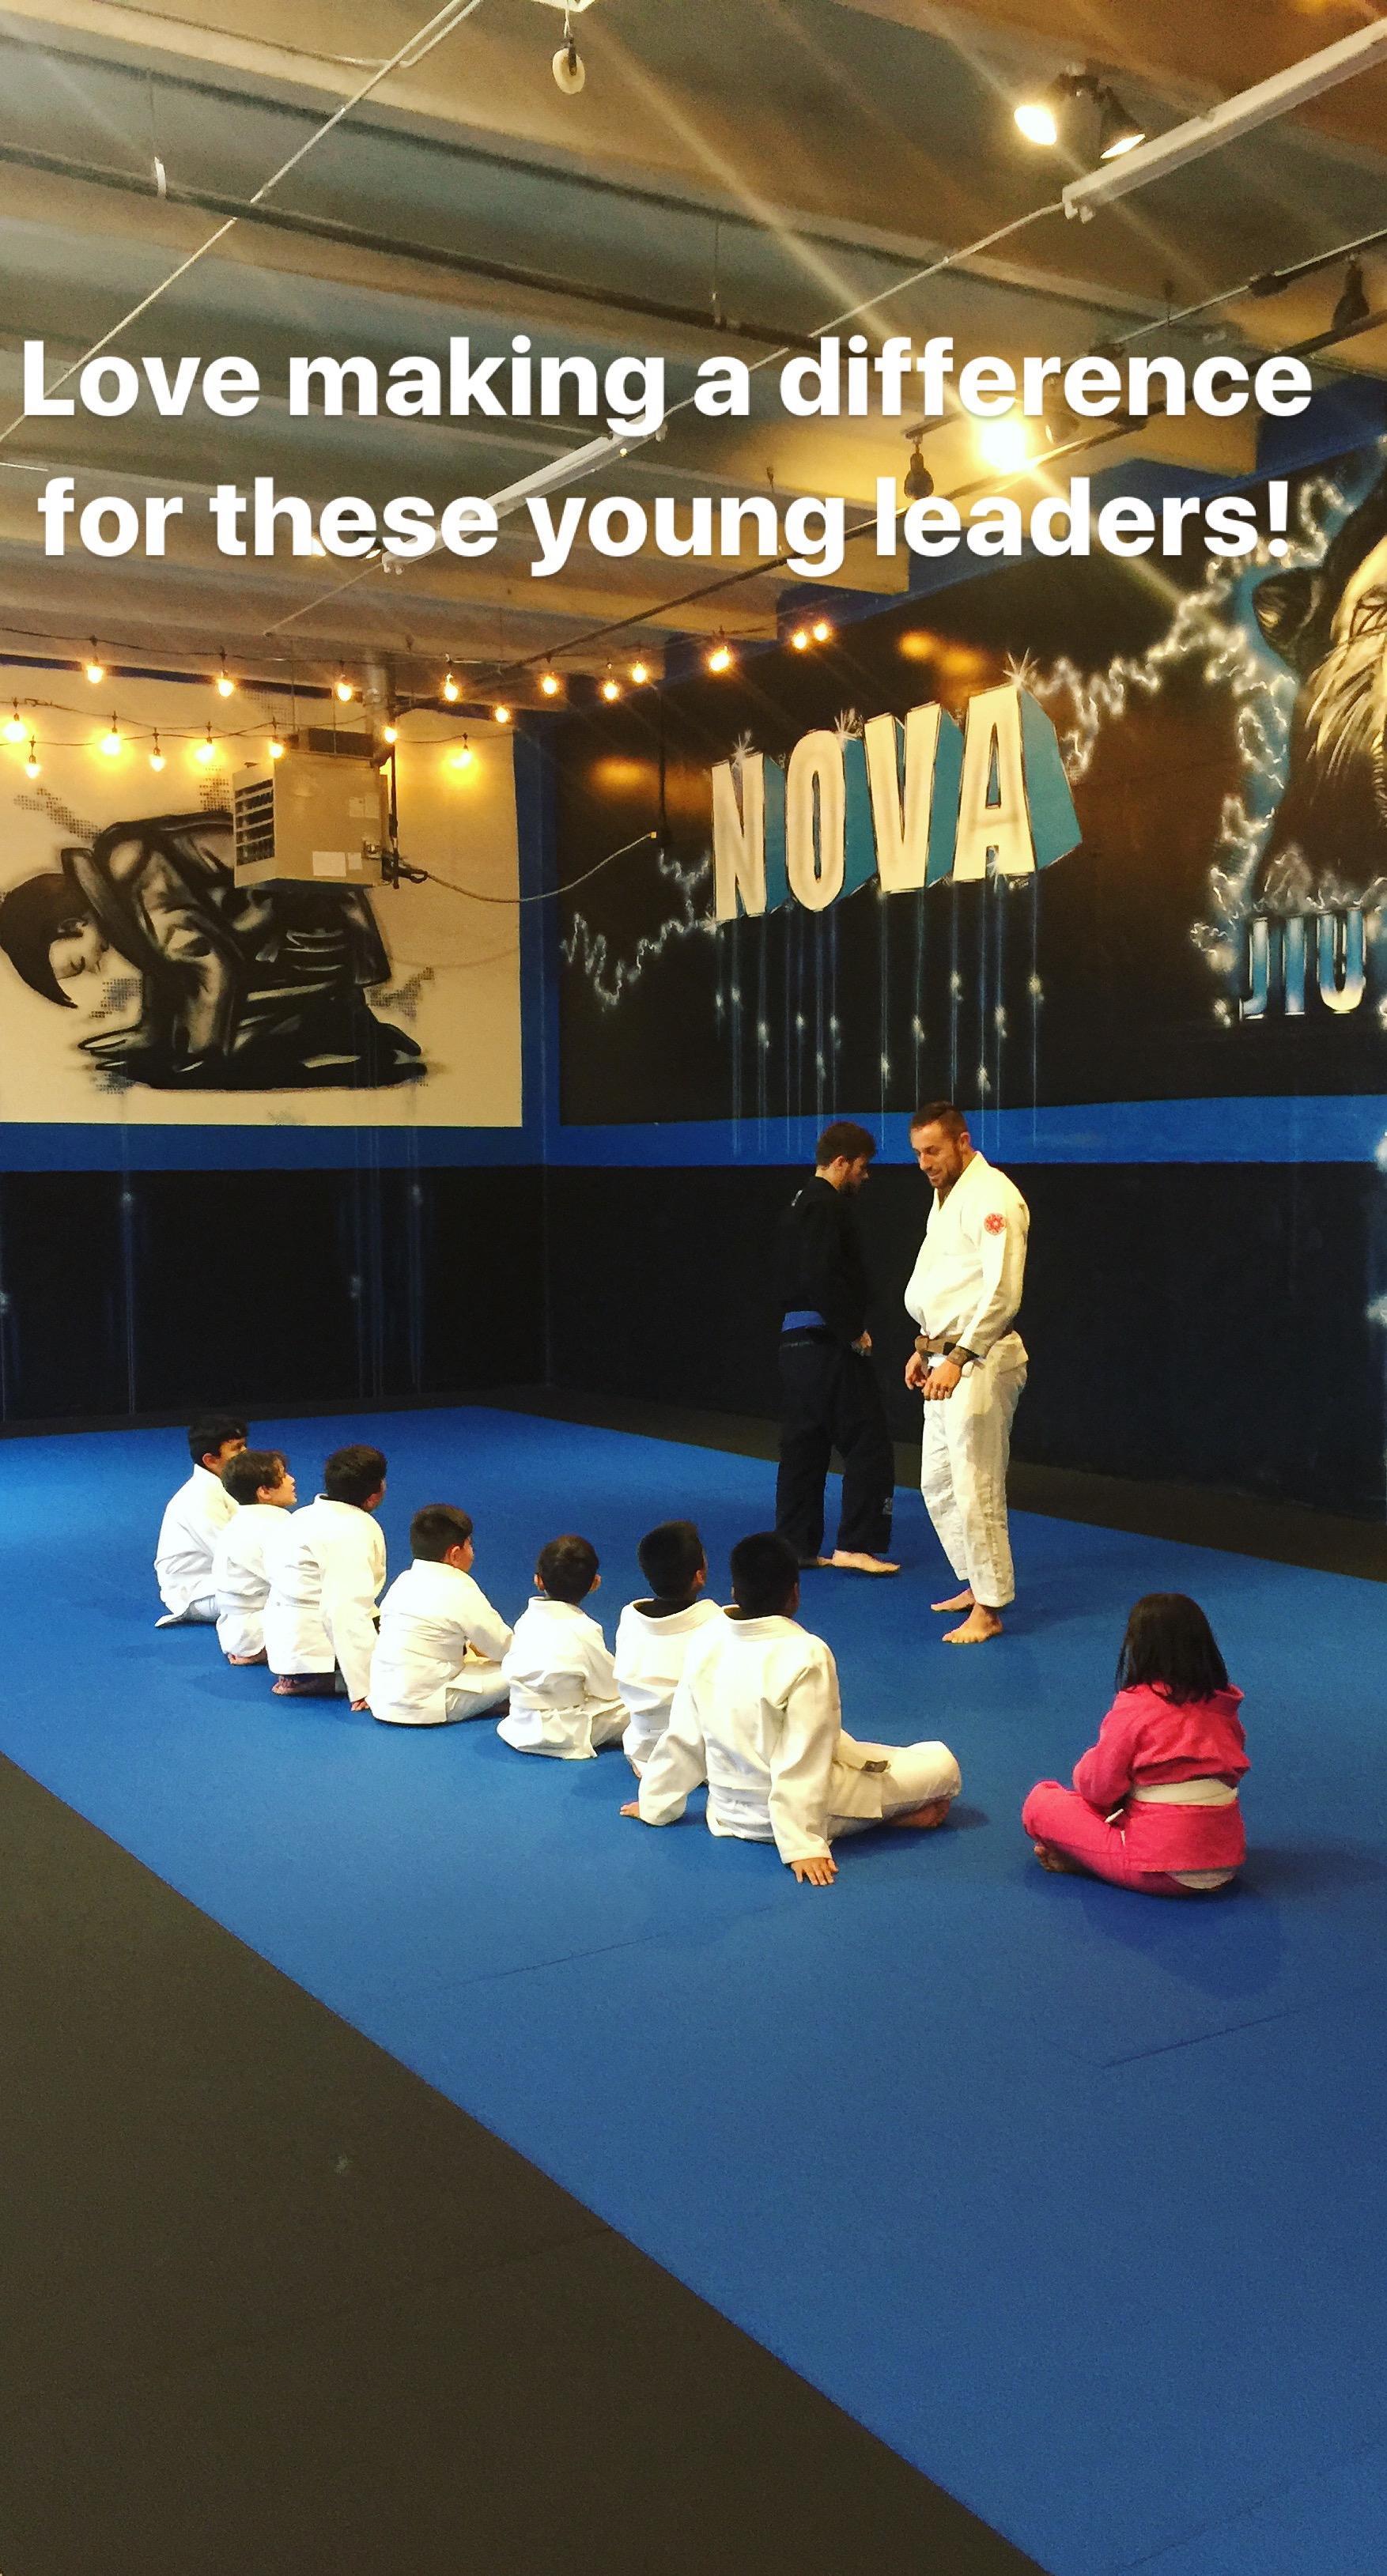 Nova Mente Jiu Jitsu Academy image 4